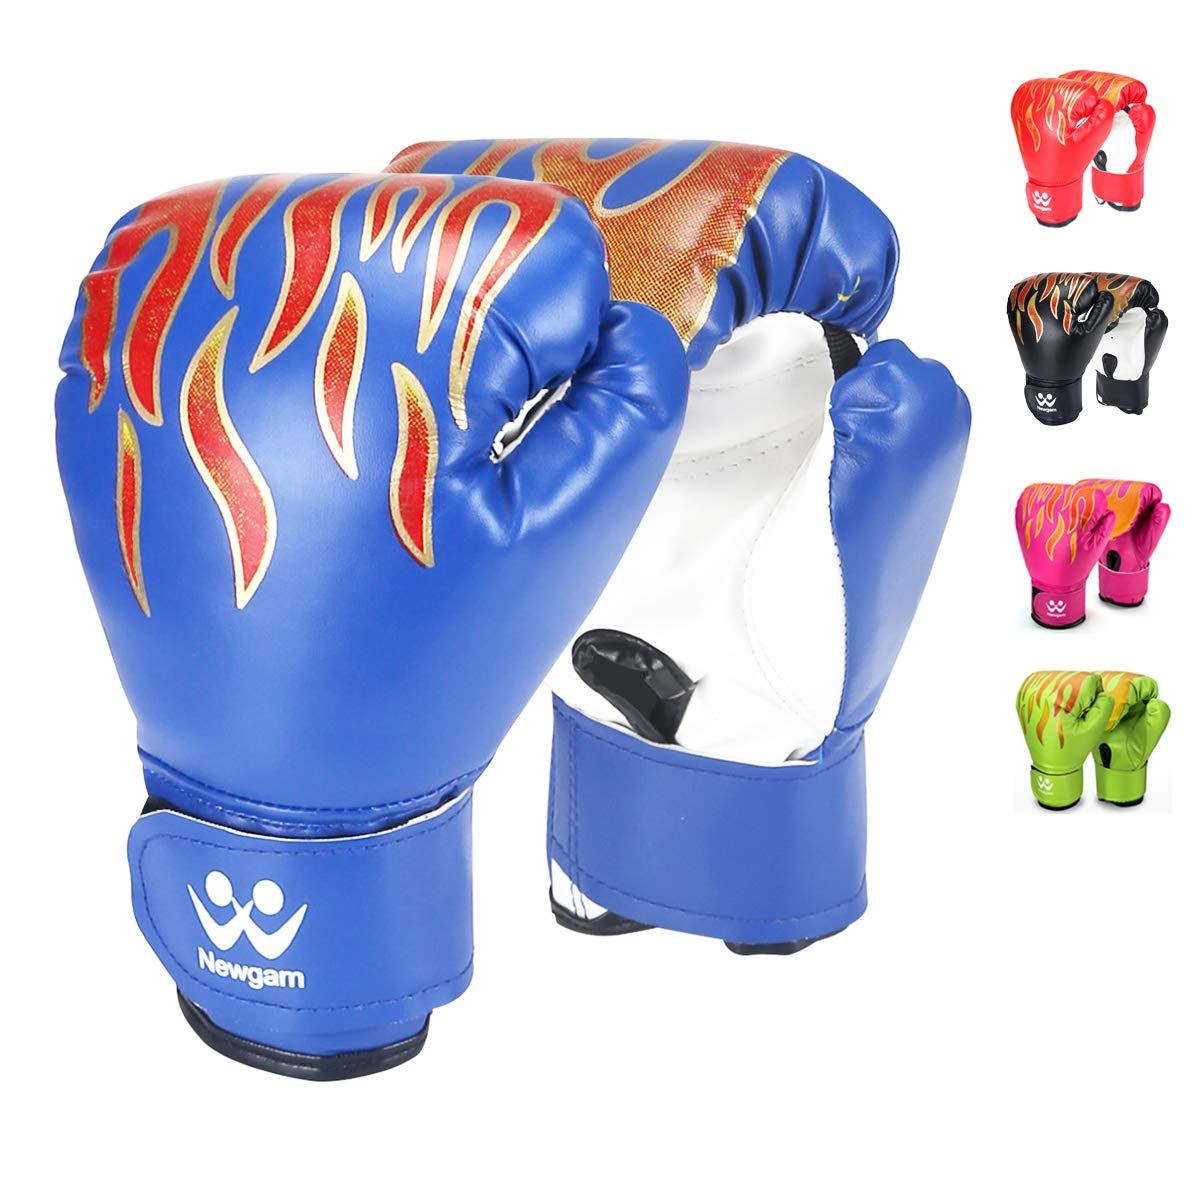 Newgam キッズ ボクシンググローブ 子供用 ジュニア スパーリング キックボクシング トレーニンググローブ PUレザー 5オンス 3~8歳用 B07MH4C16P ブルー